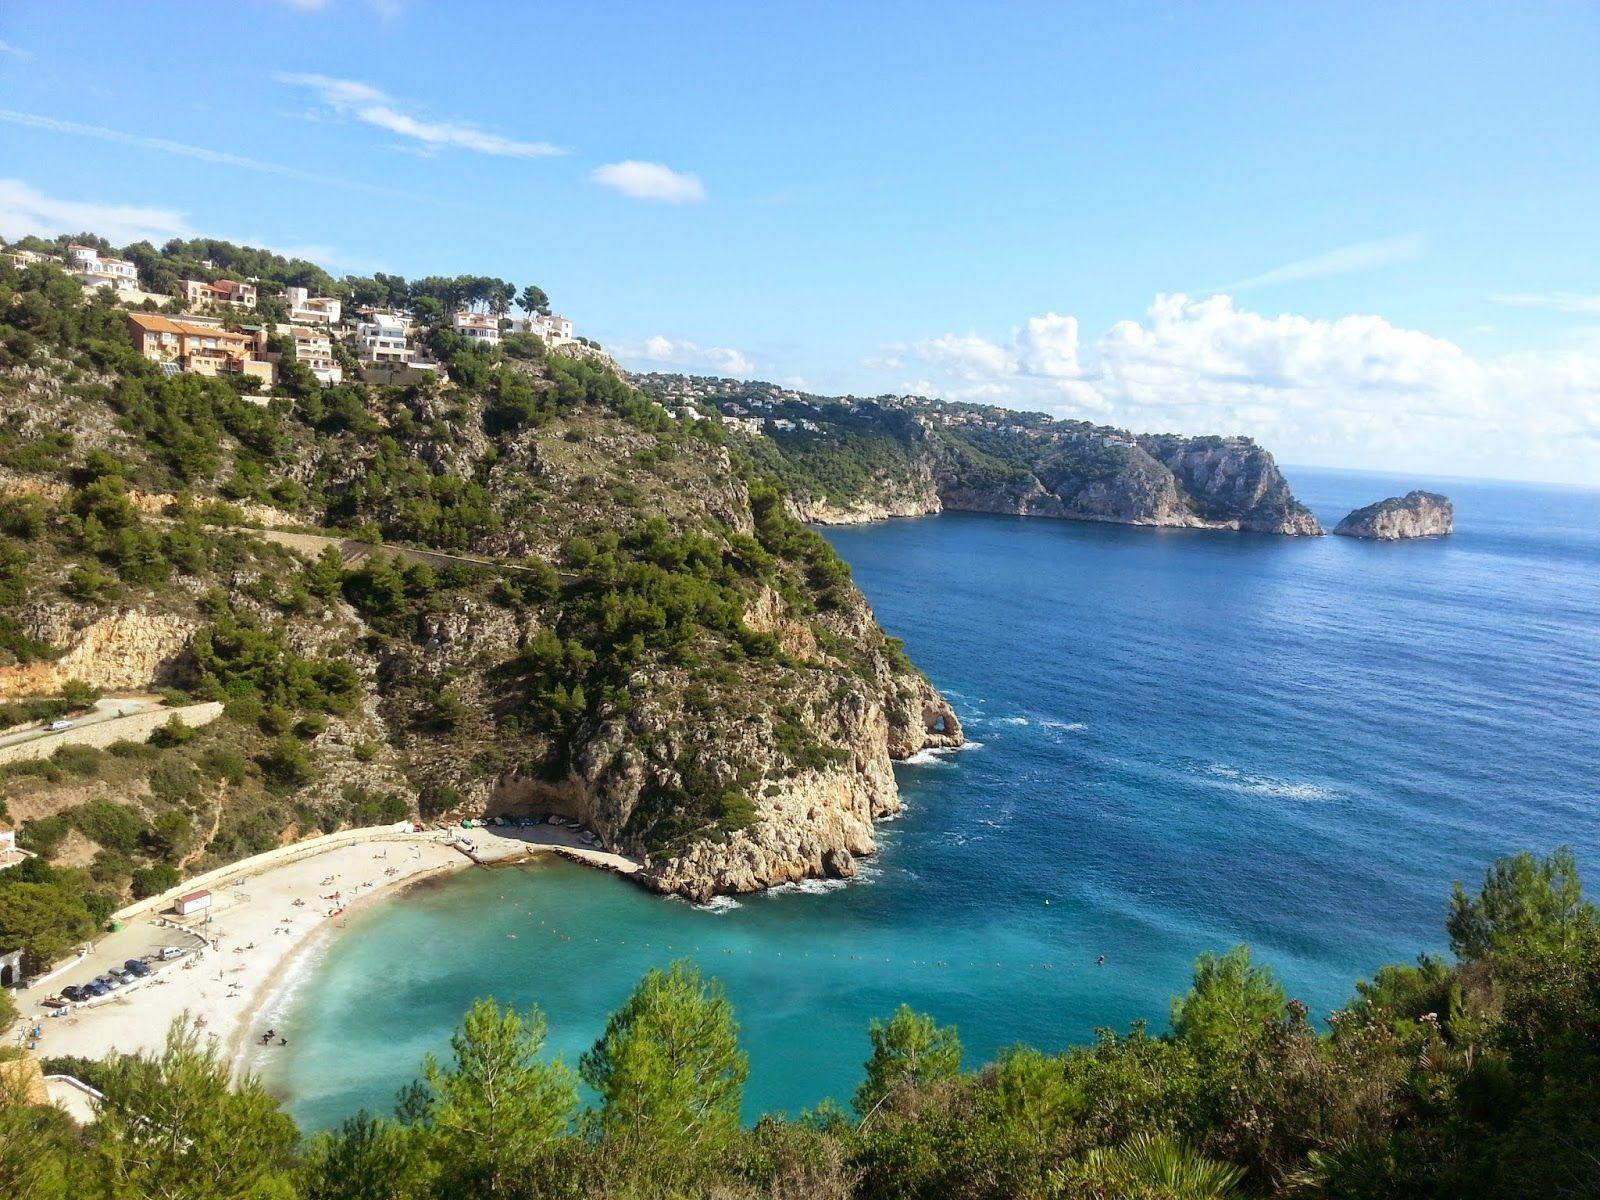 La Granadella Más Que Una Playa Paisajes De España Playa Guia De Viaje